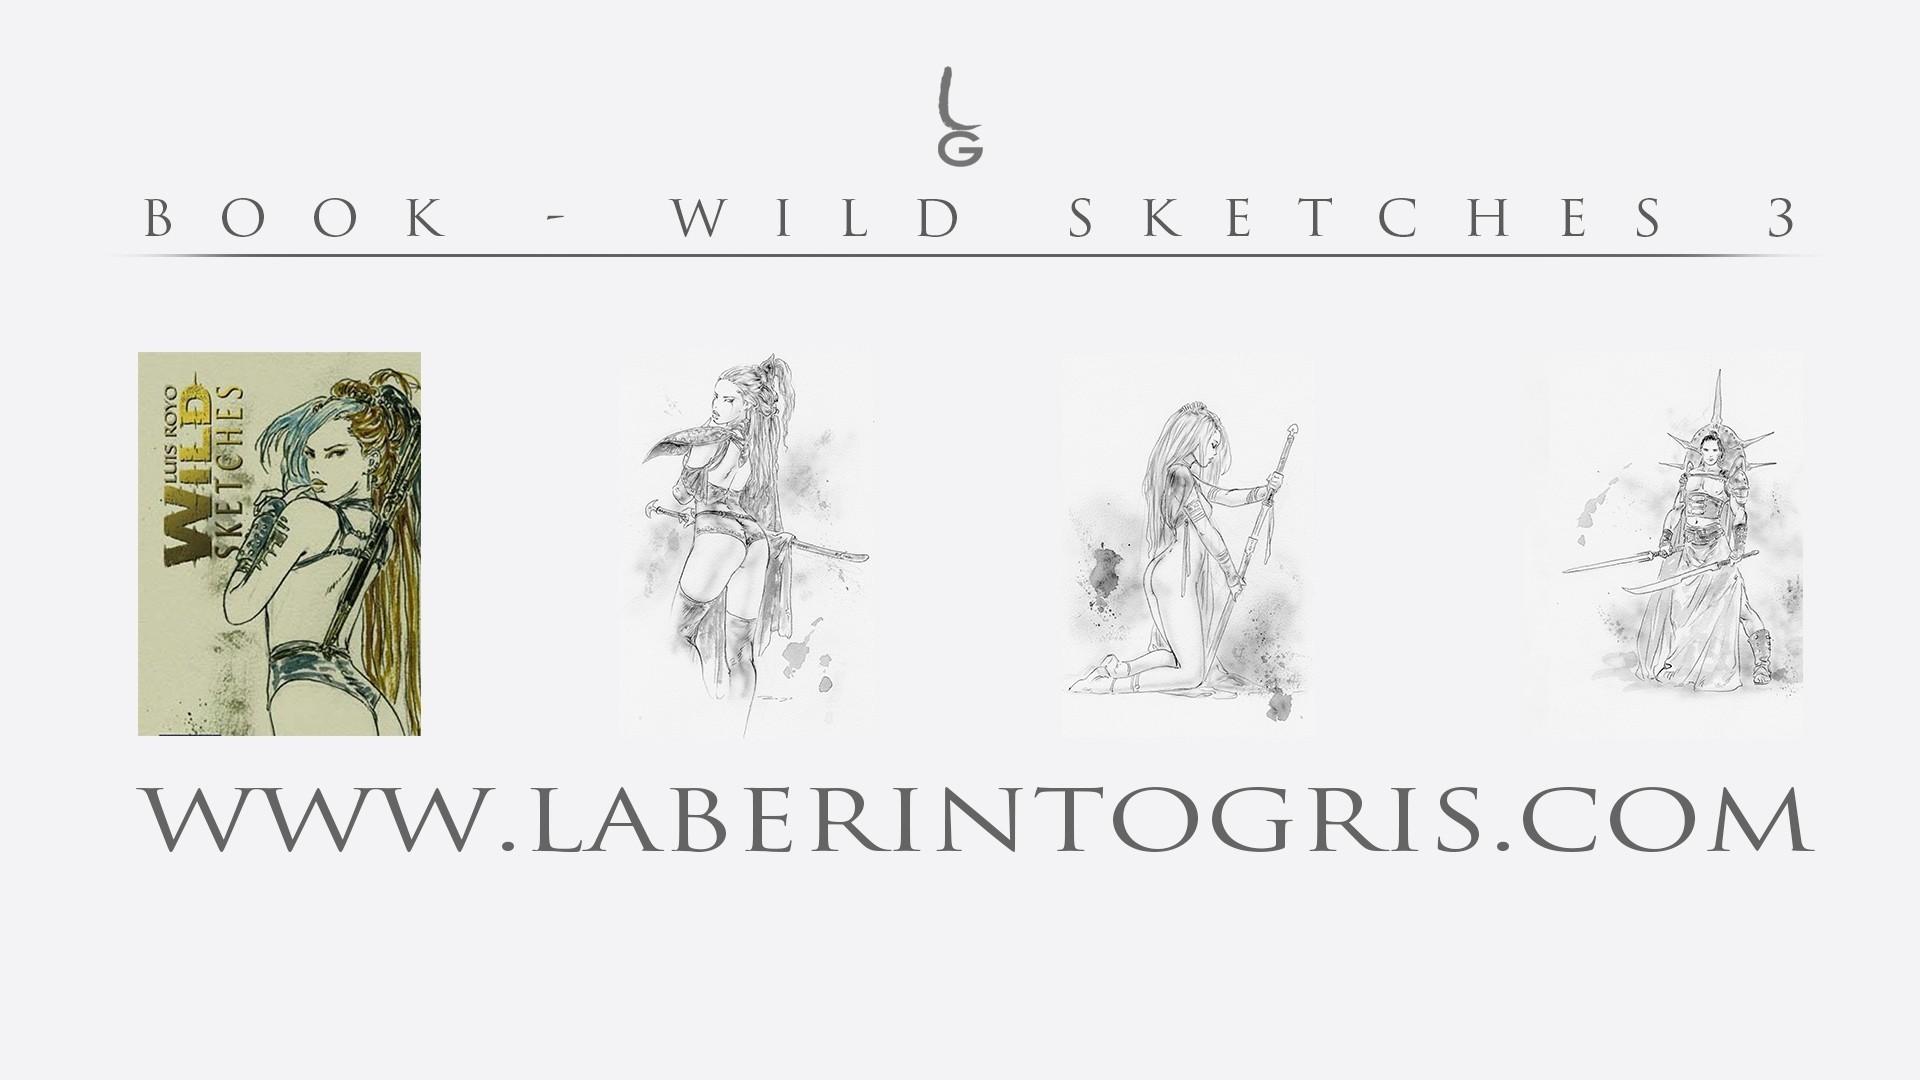 WILD SKETCHES 3